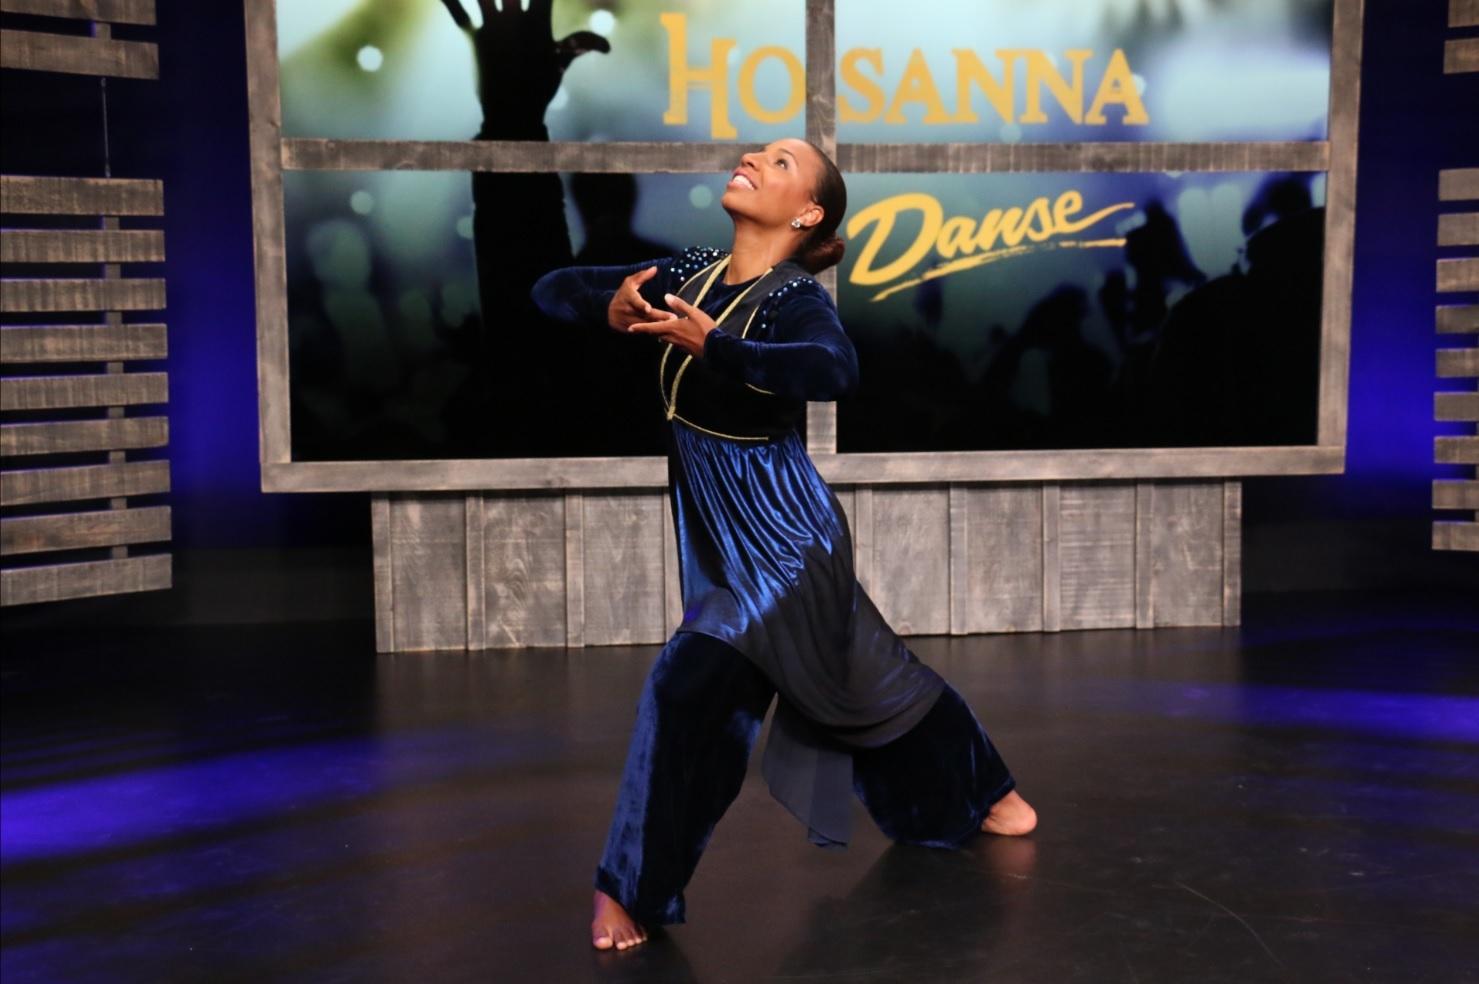 Destinée Dance School - La méthode Danse & Ministère